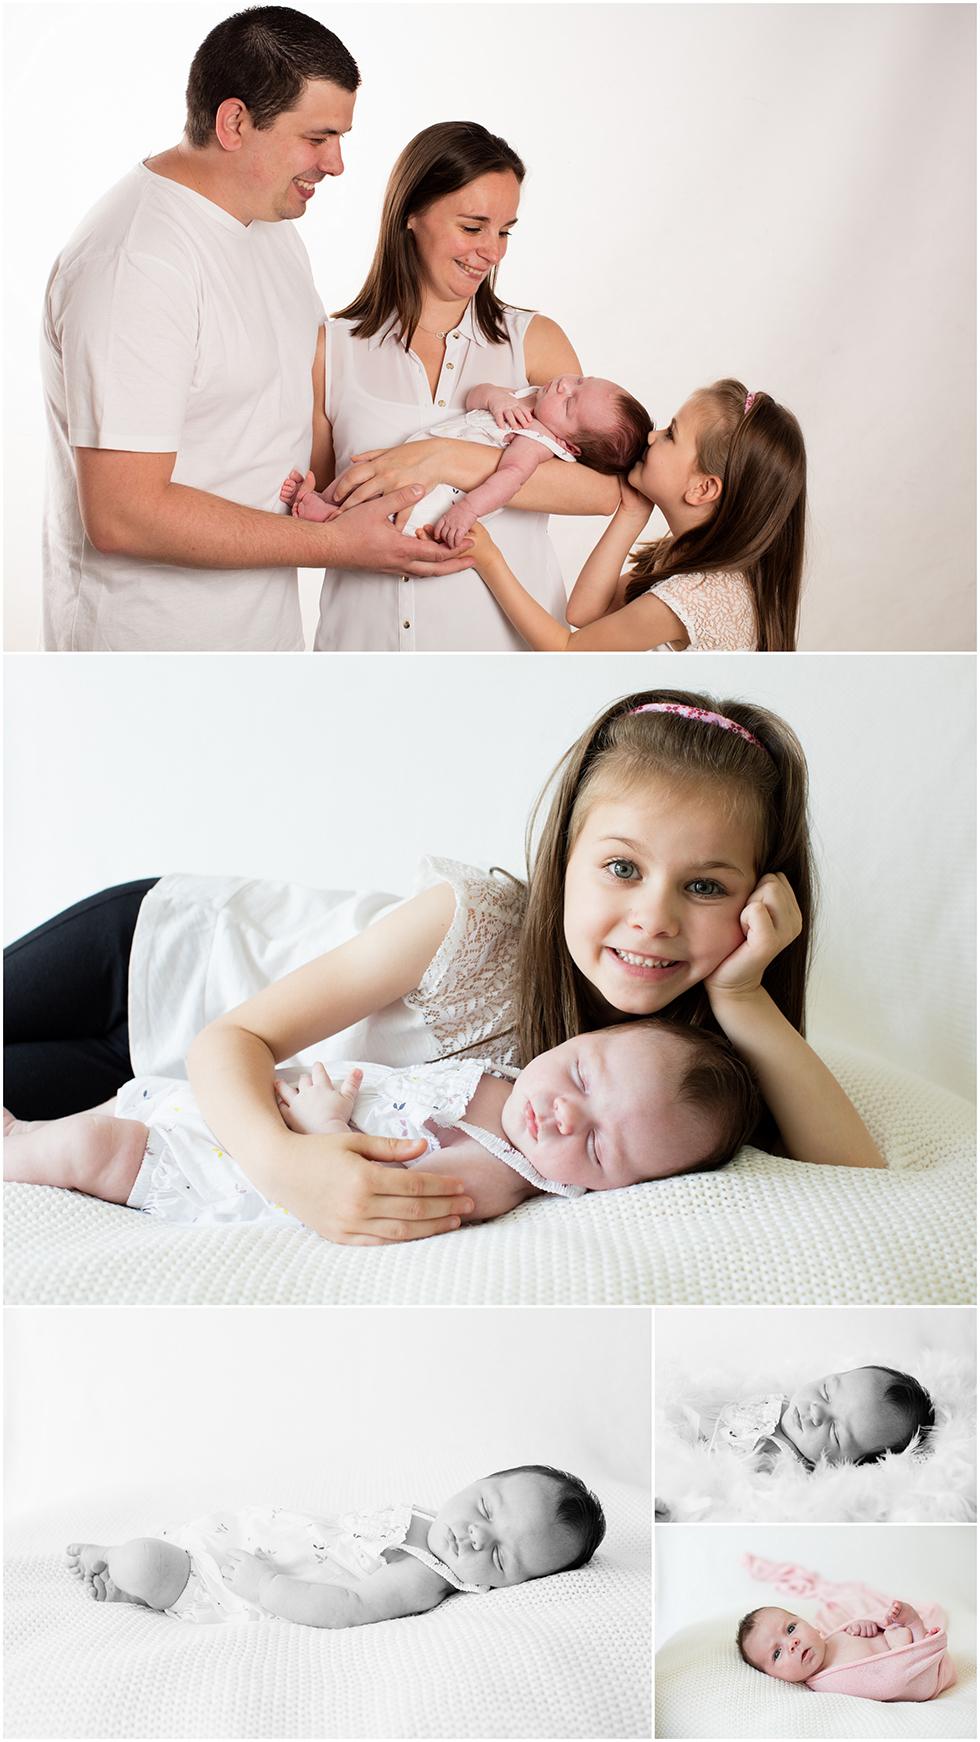 famille-77-photographe-essonne-91-bebe